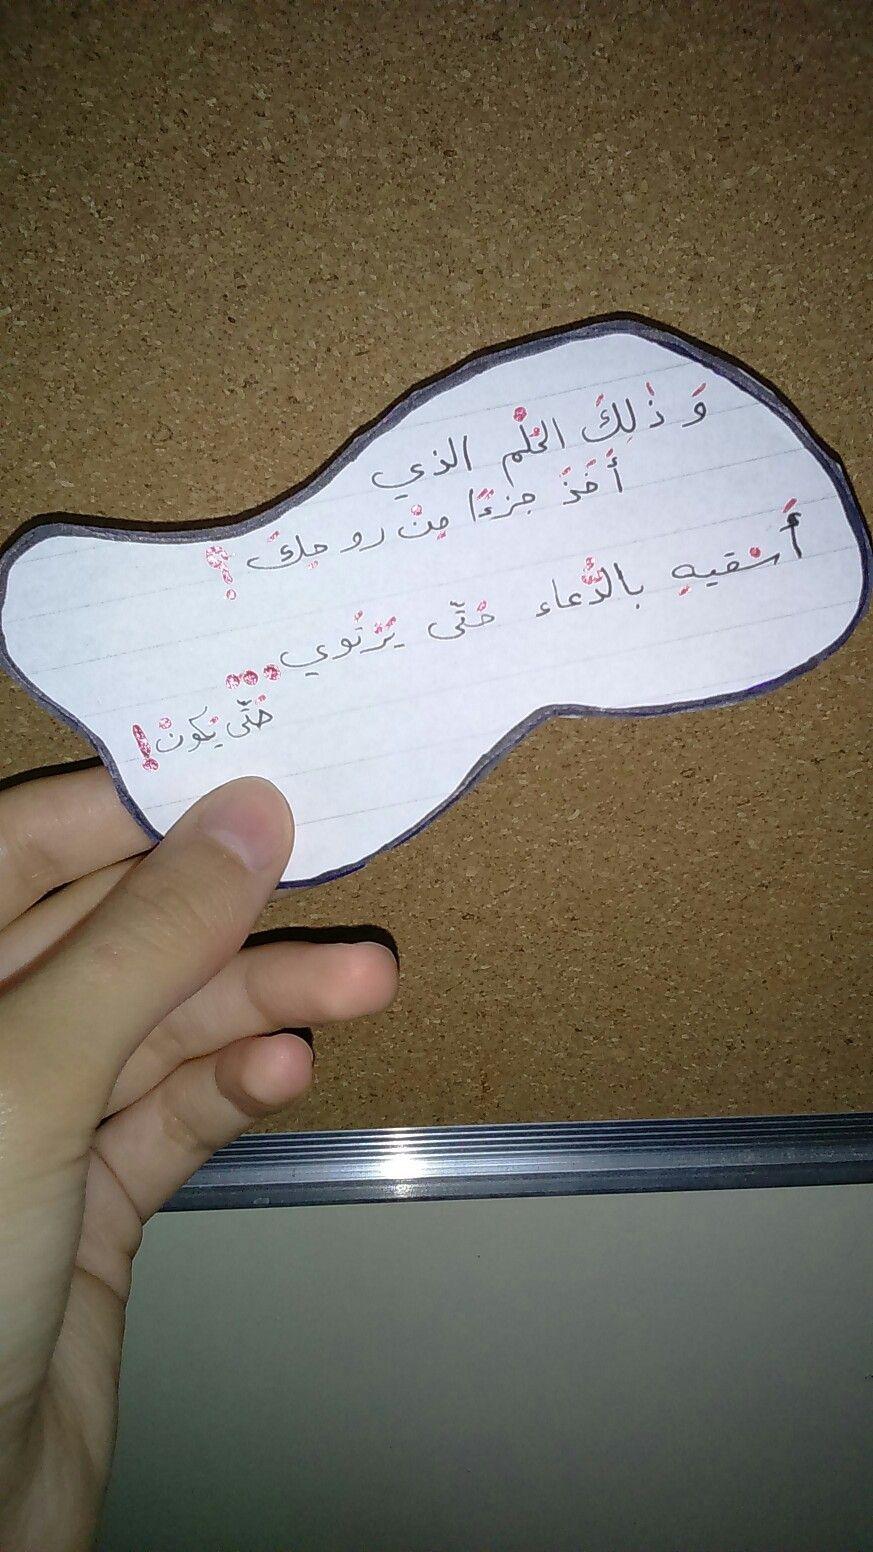 إنما أمره إذا أراد شيئا أن يقول له كن فيكون Allah Loves You Allah Love Love You